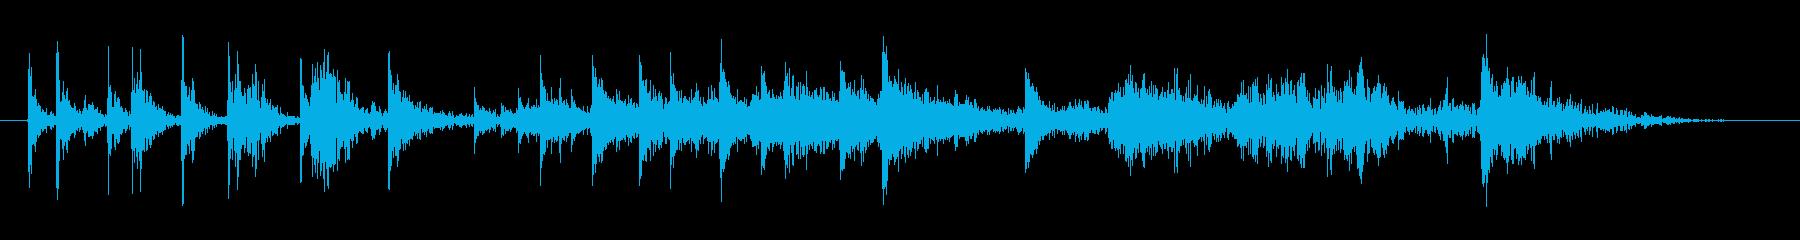 ヘビードアヒンジのきしみの再生済みの波形